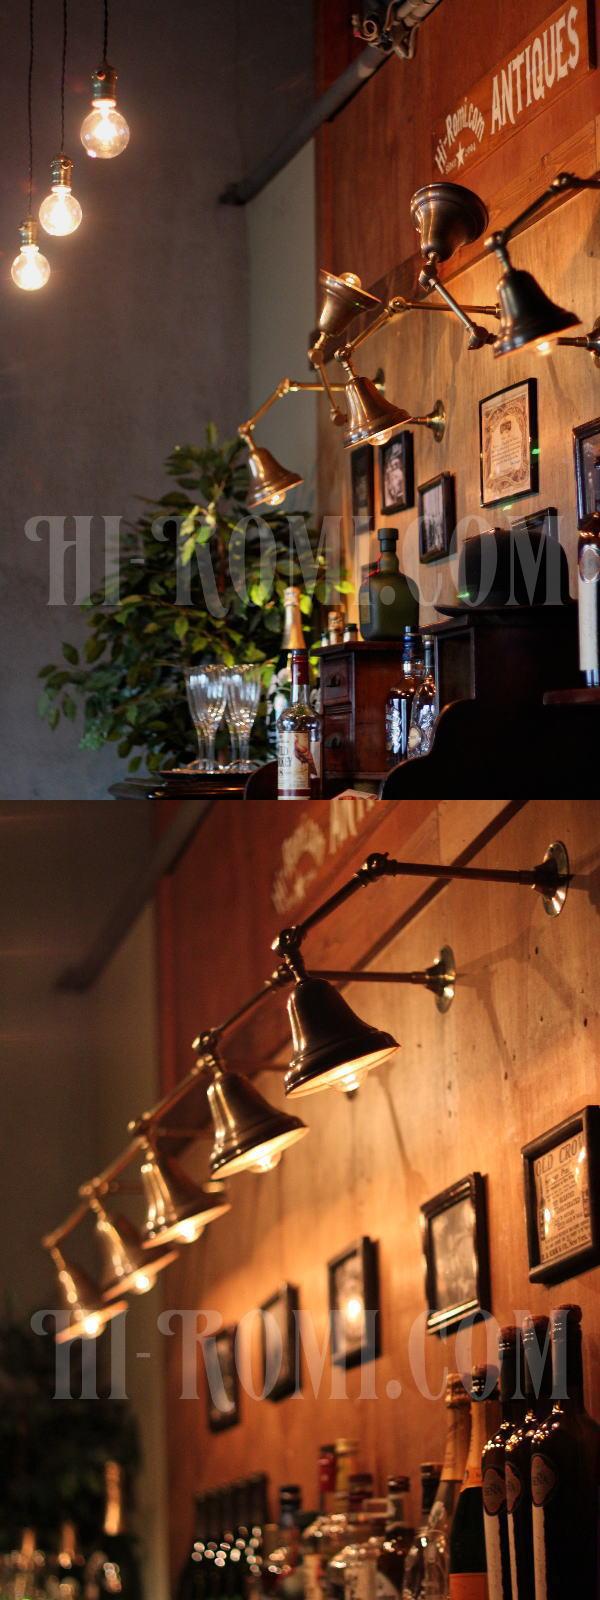 工業系真鍮製2点角度調整&深型シェード付き真鍮ブラケット/インダストリアルウォールランプ/壁掛け照明